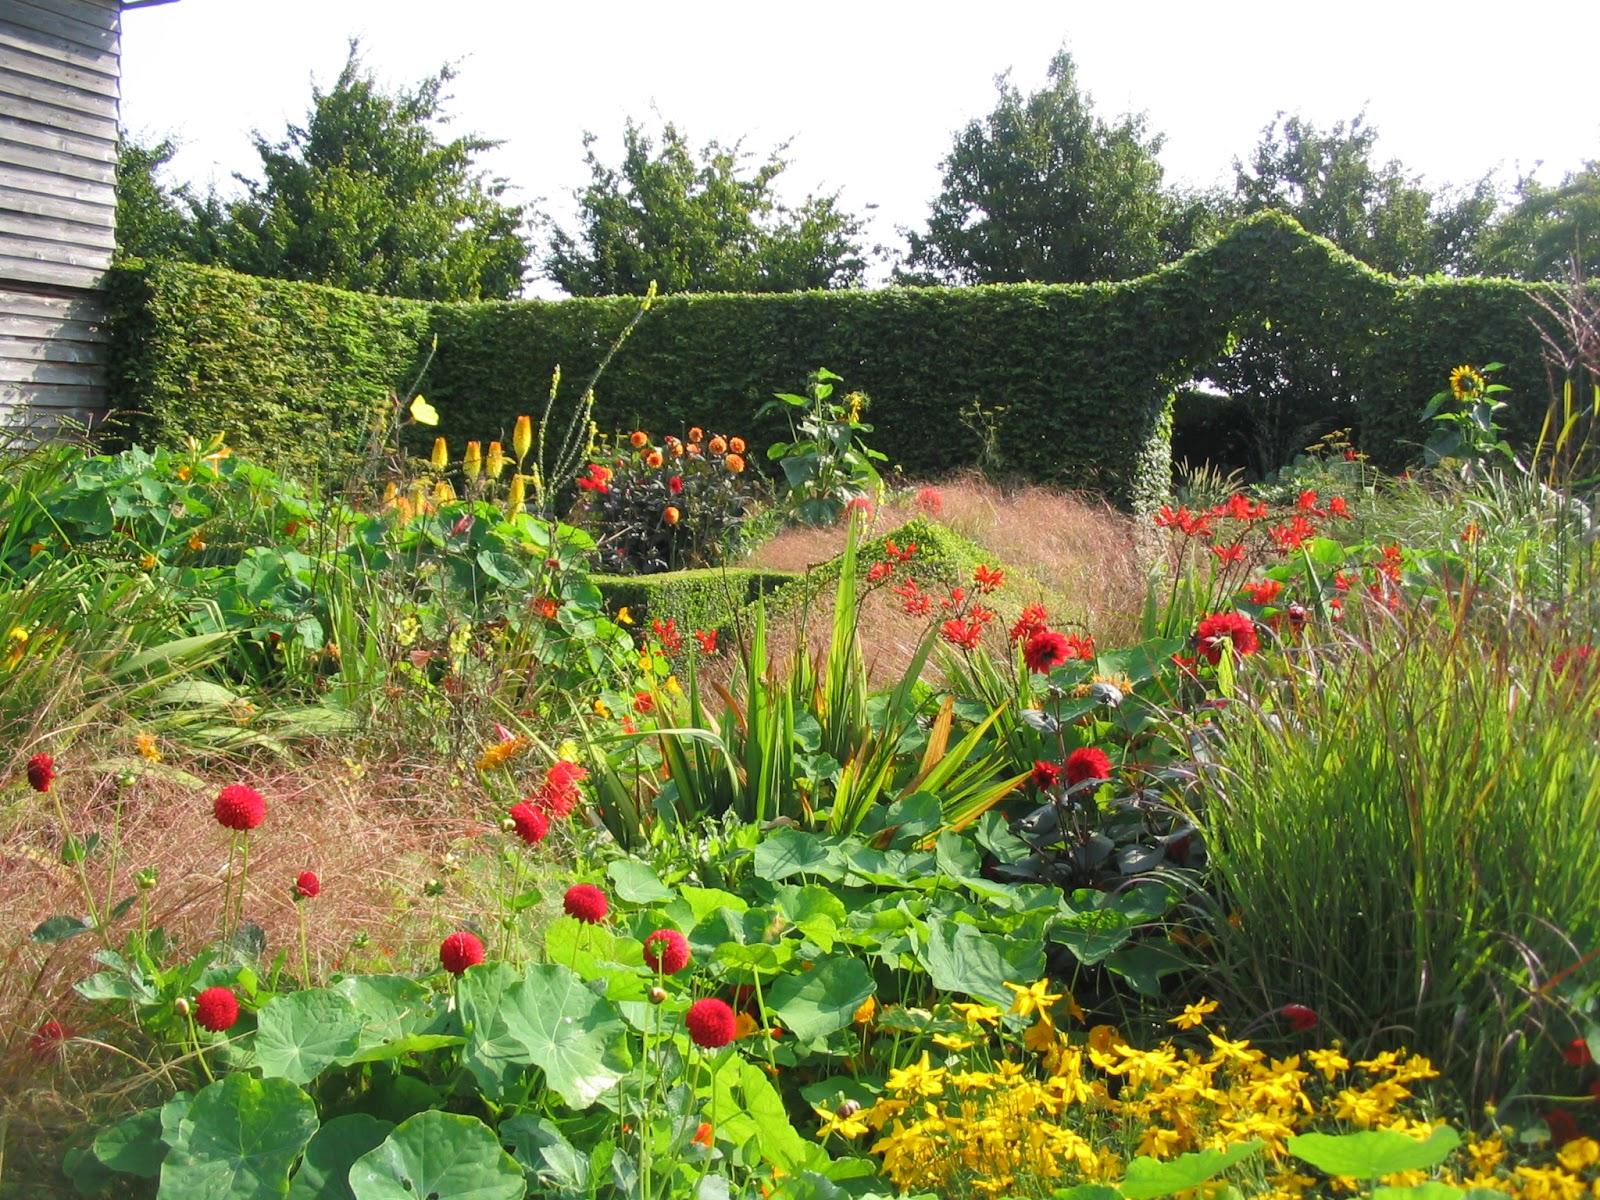 Le jardin de brigitte alsace le jardin plume for Le jardin plume